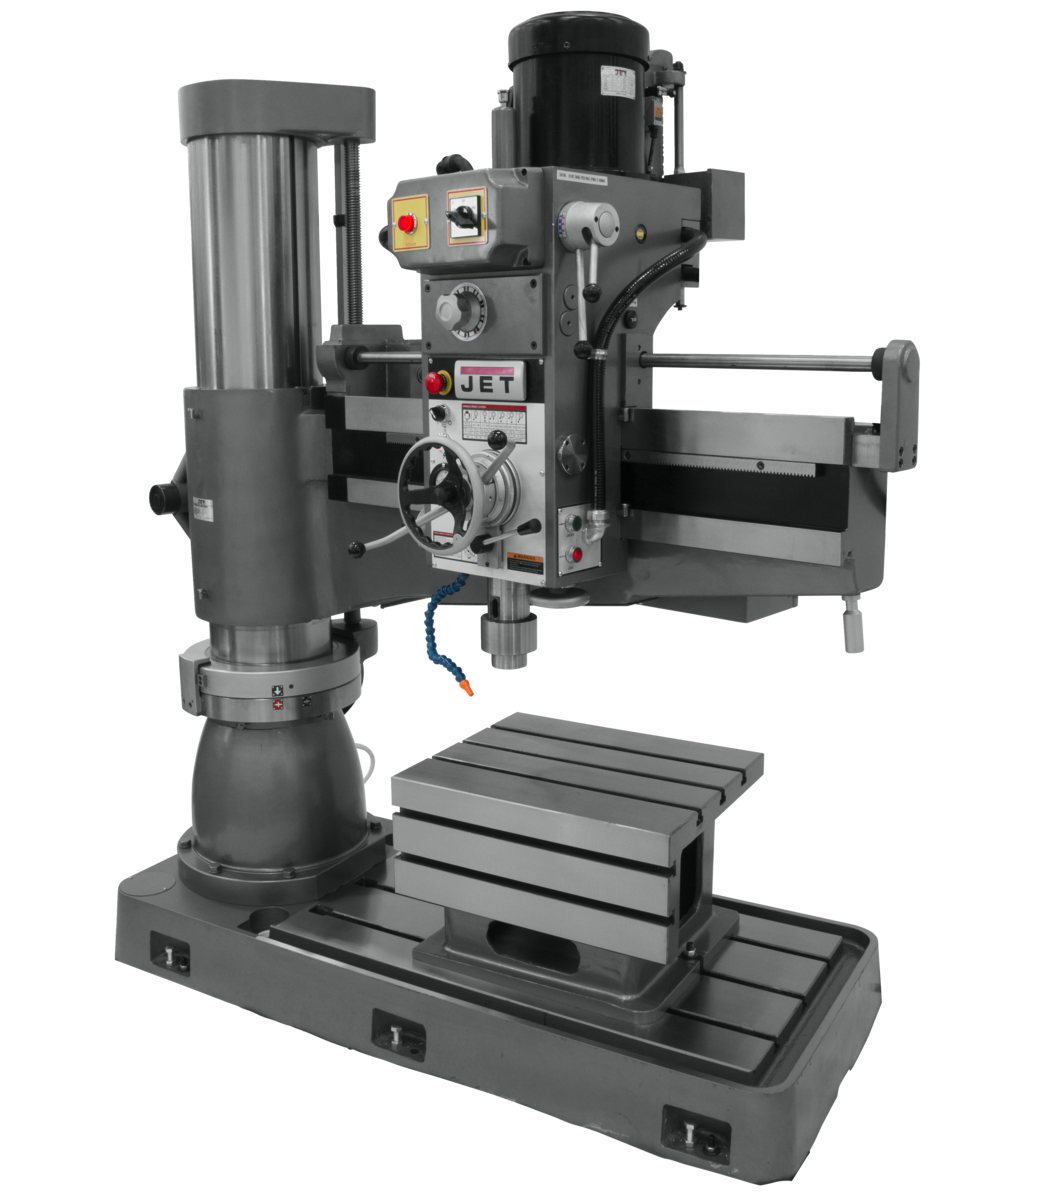 Radial Drills Drill Presses